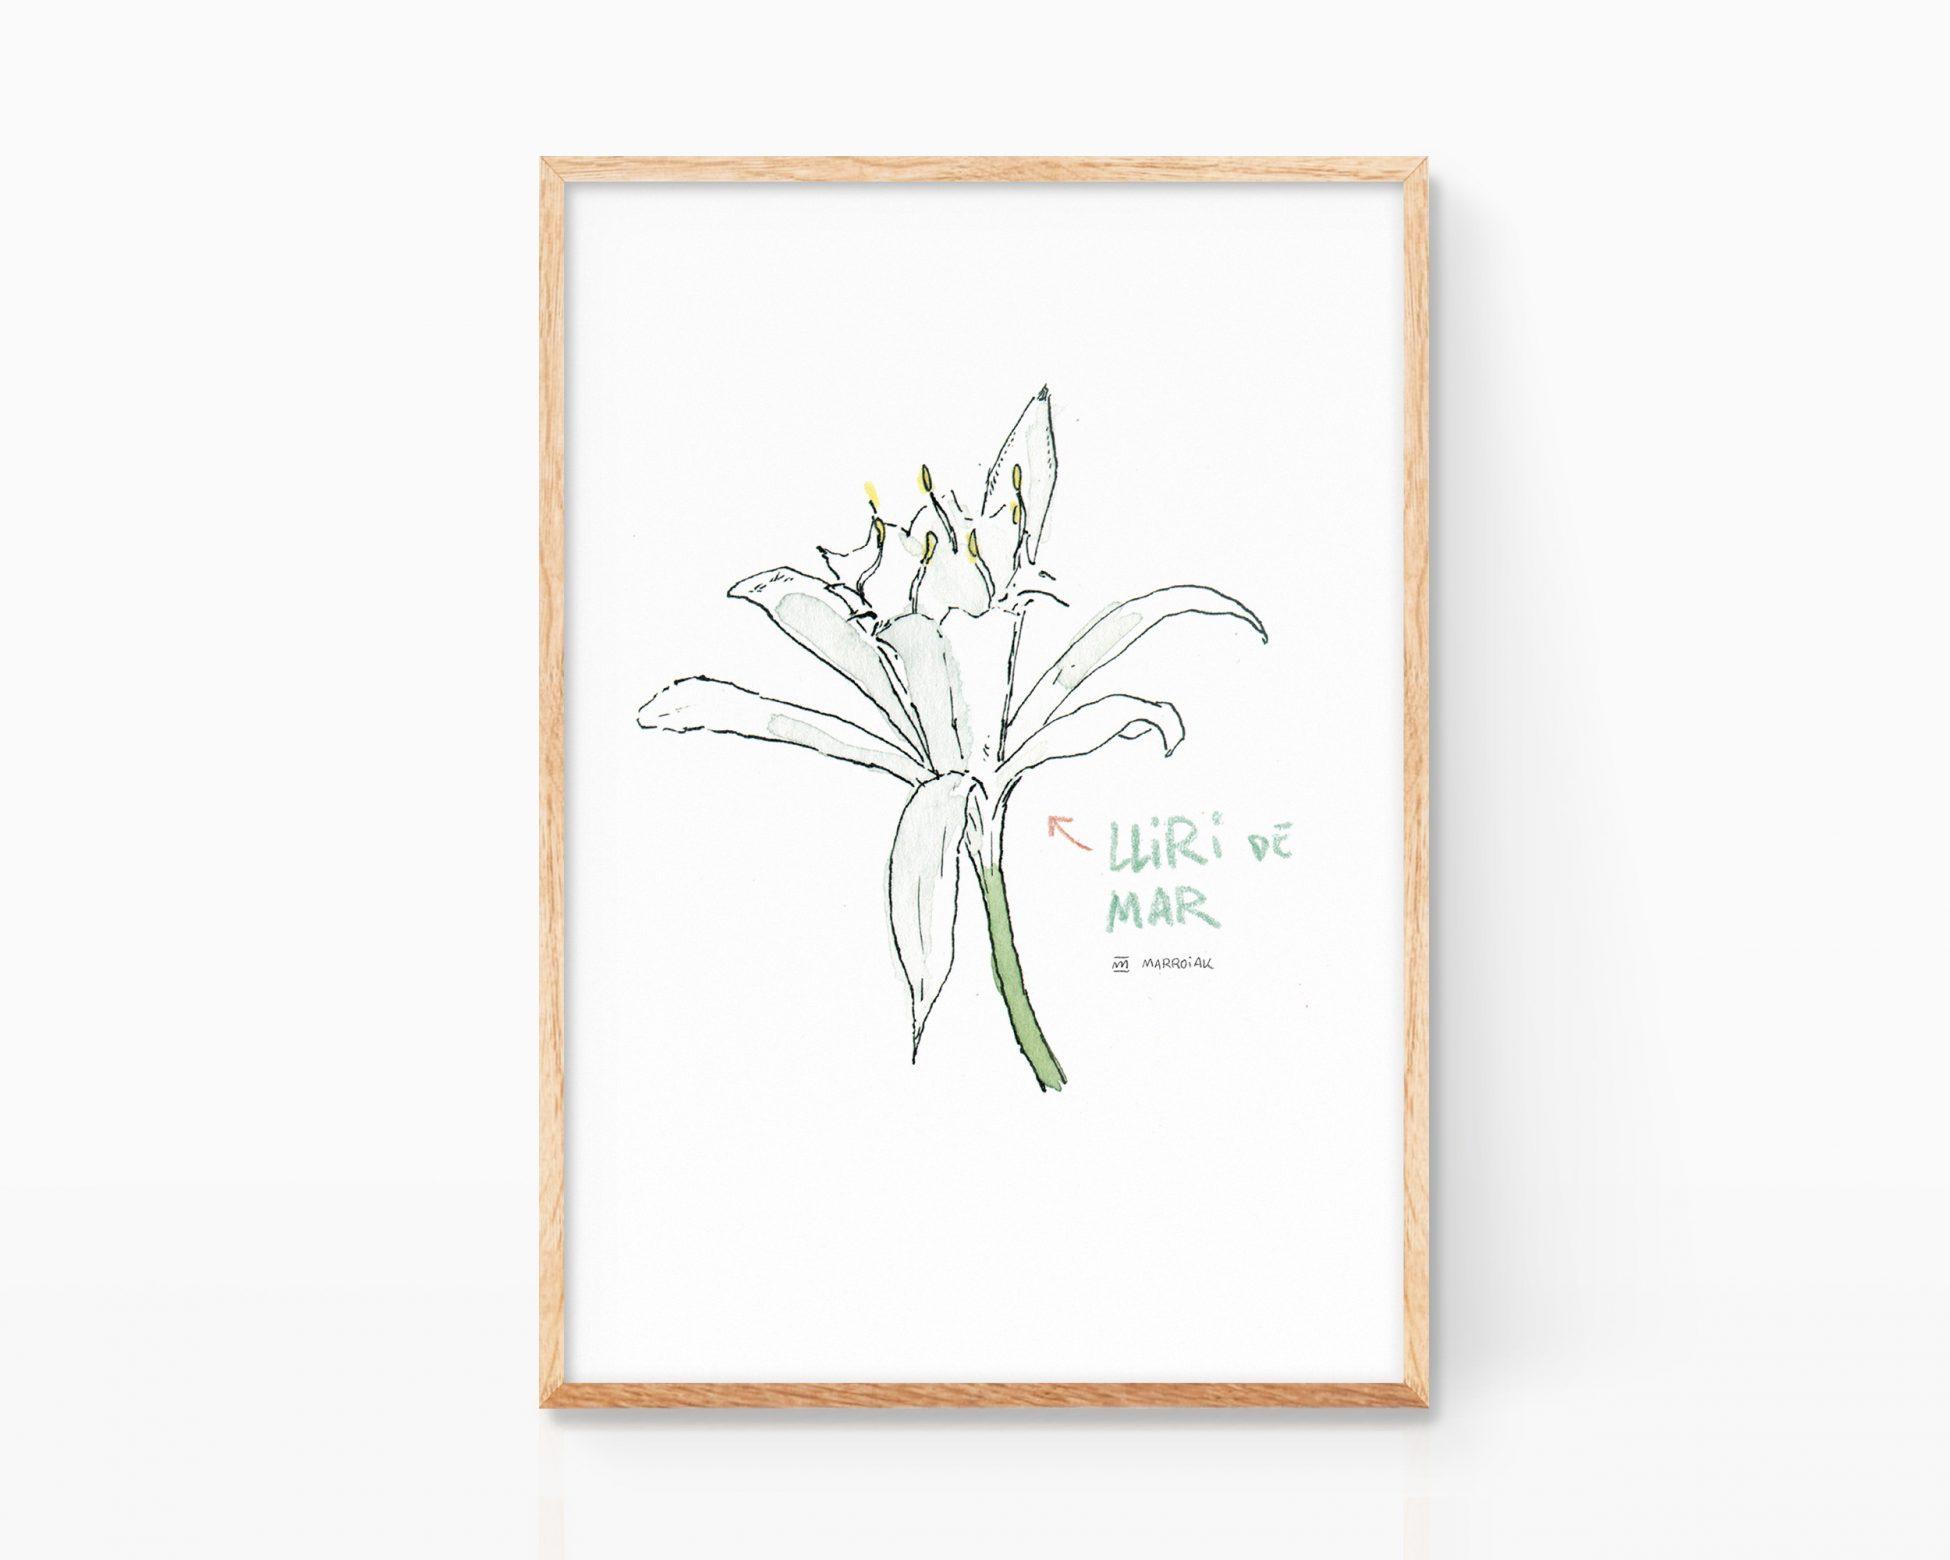 Cuadro con ilustración en acuarela de una flor de la azucena de Mar. Ilustración decorativa. Lliri de mar dibujo comunidad valenciana. Flora marina.